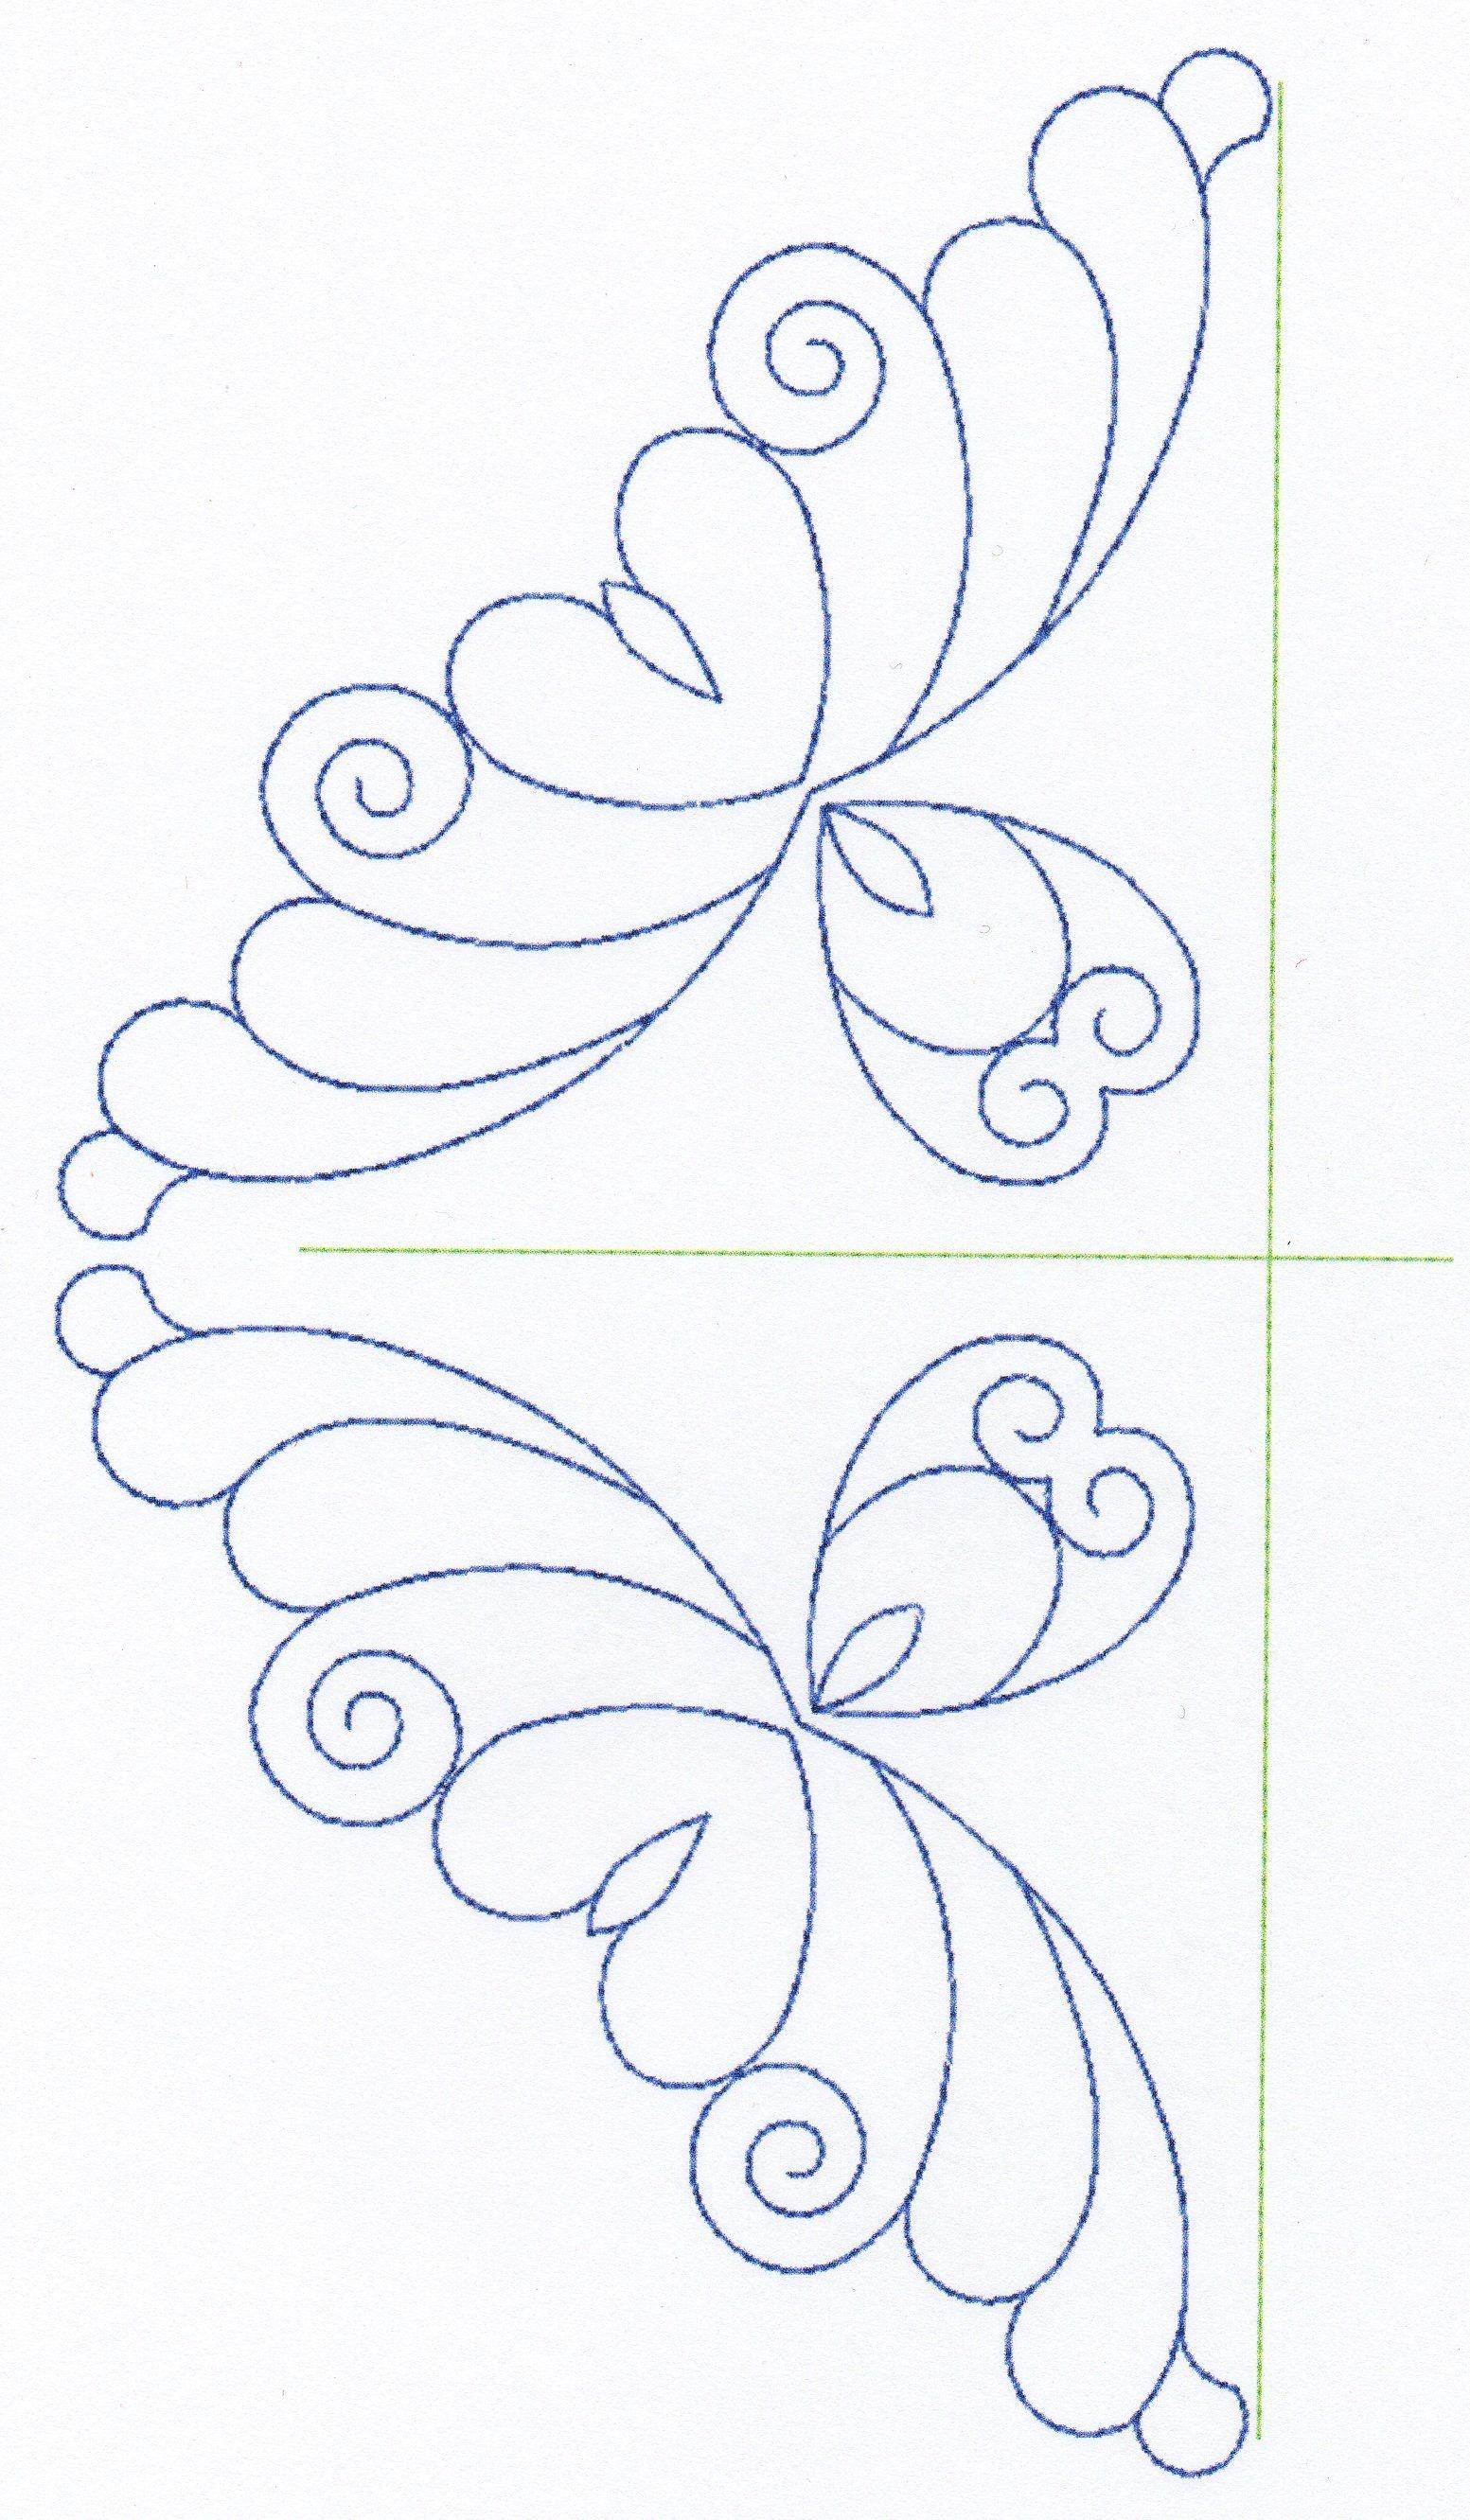 Free Continuous Machine Quilting Designs | Feather Quilting Design - Free Printable Machine Quilting Designs